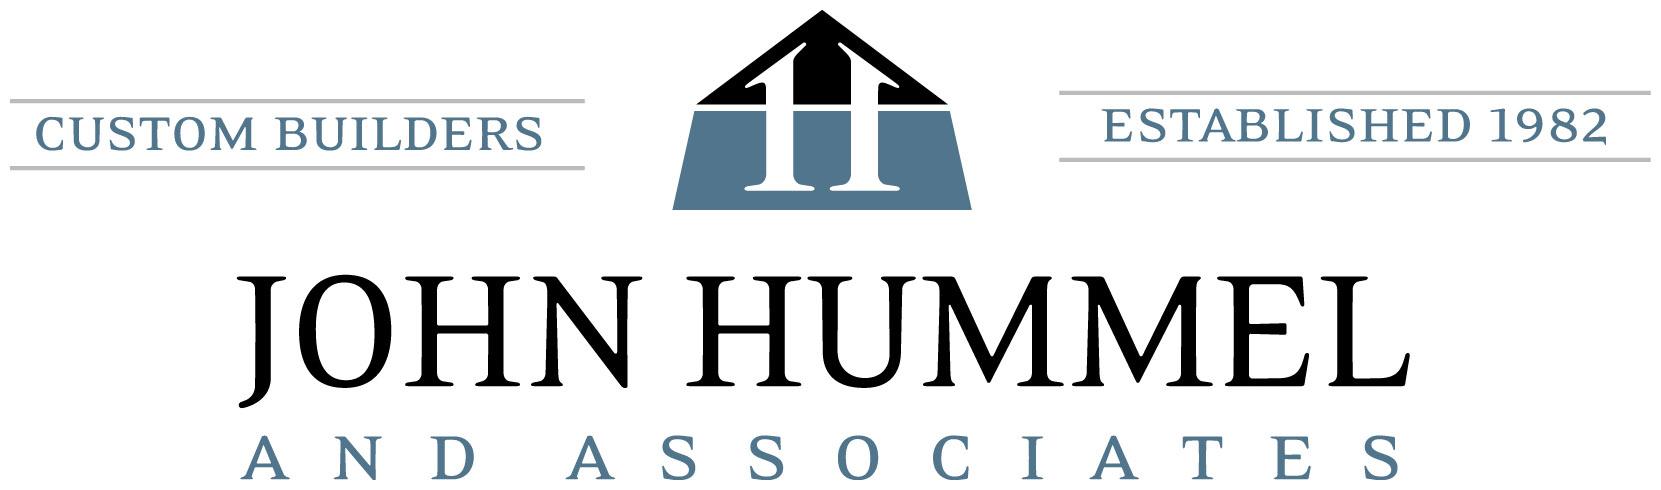 John Hummel and Associates